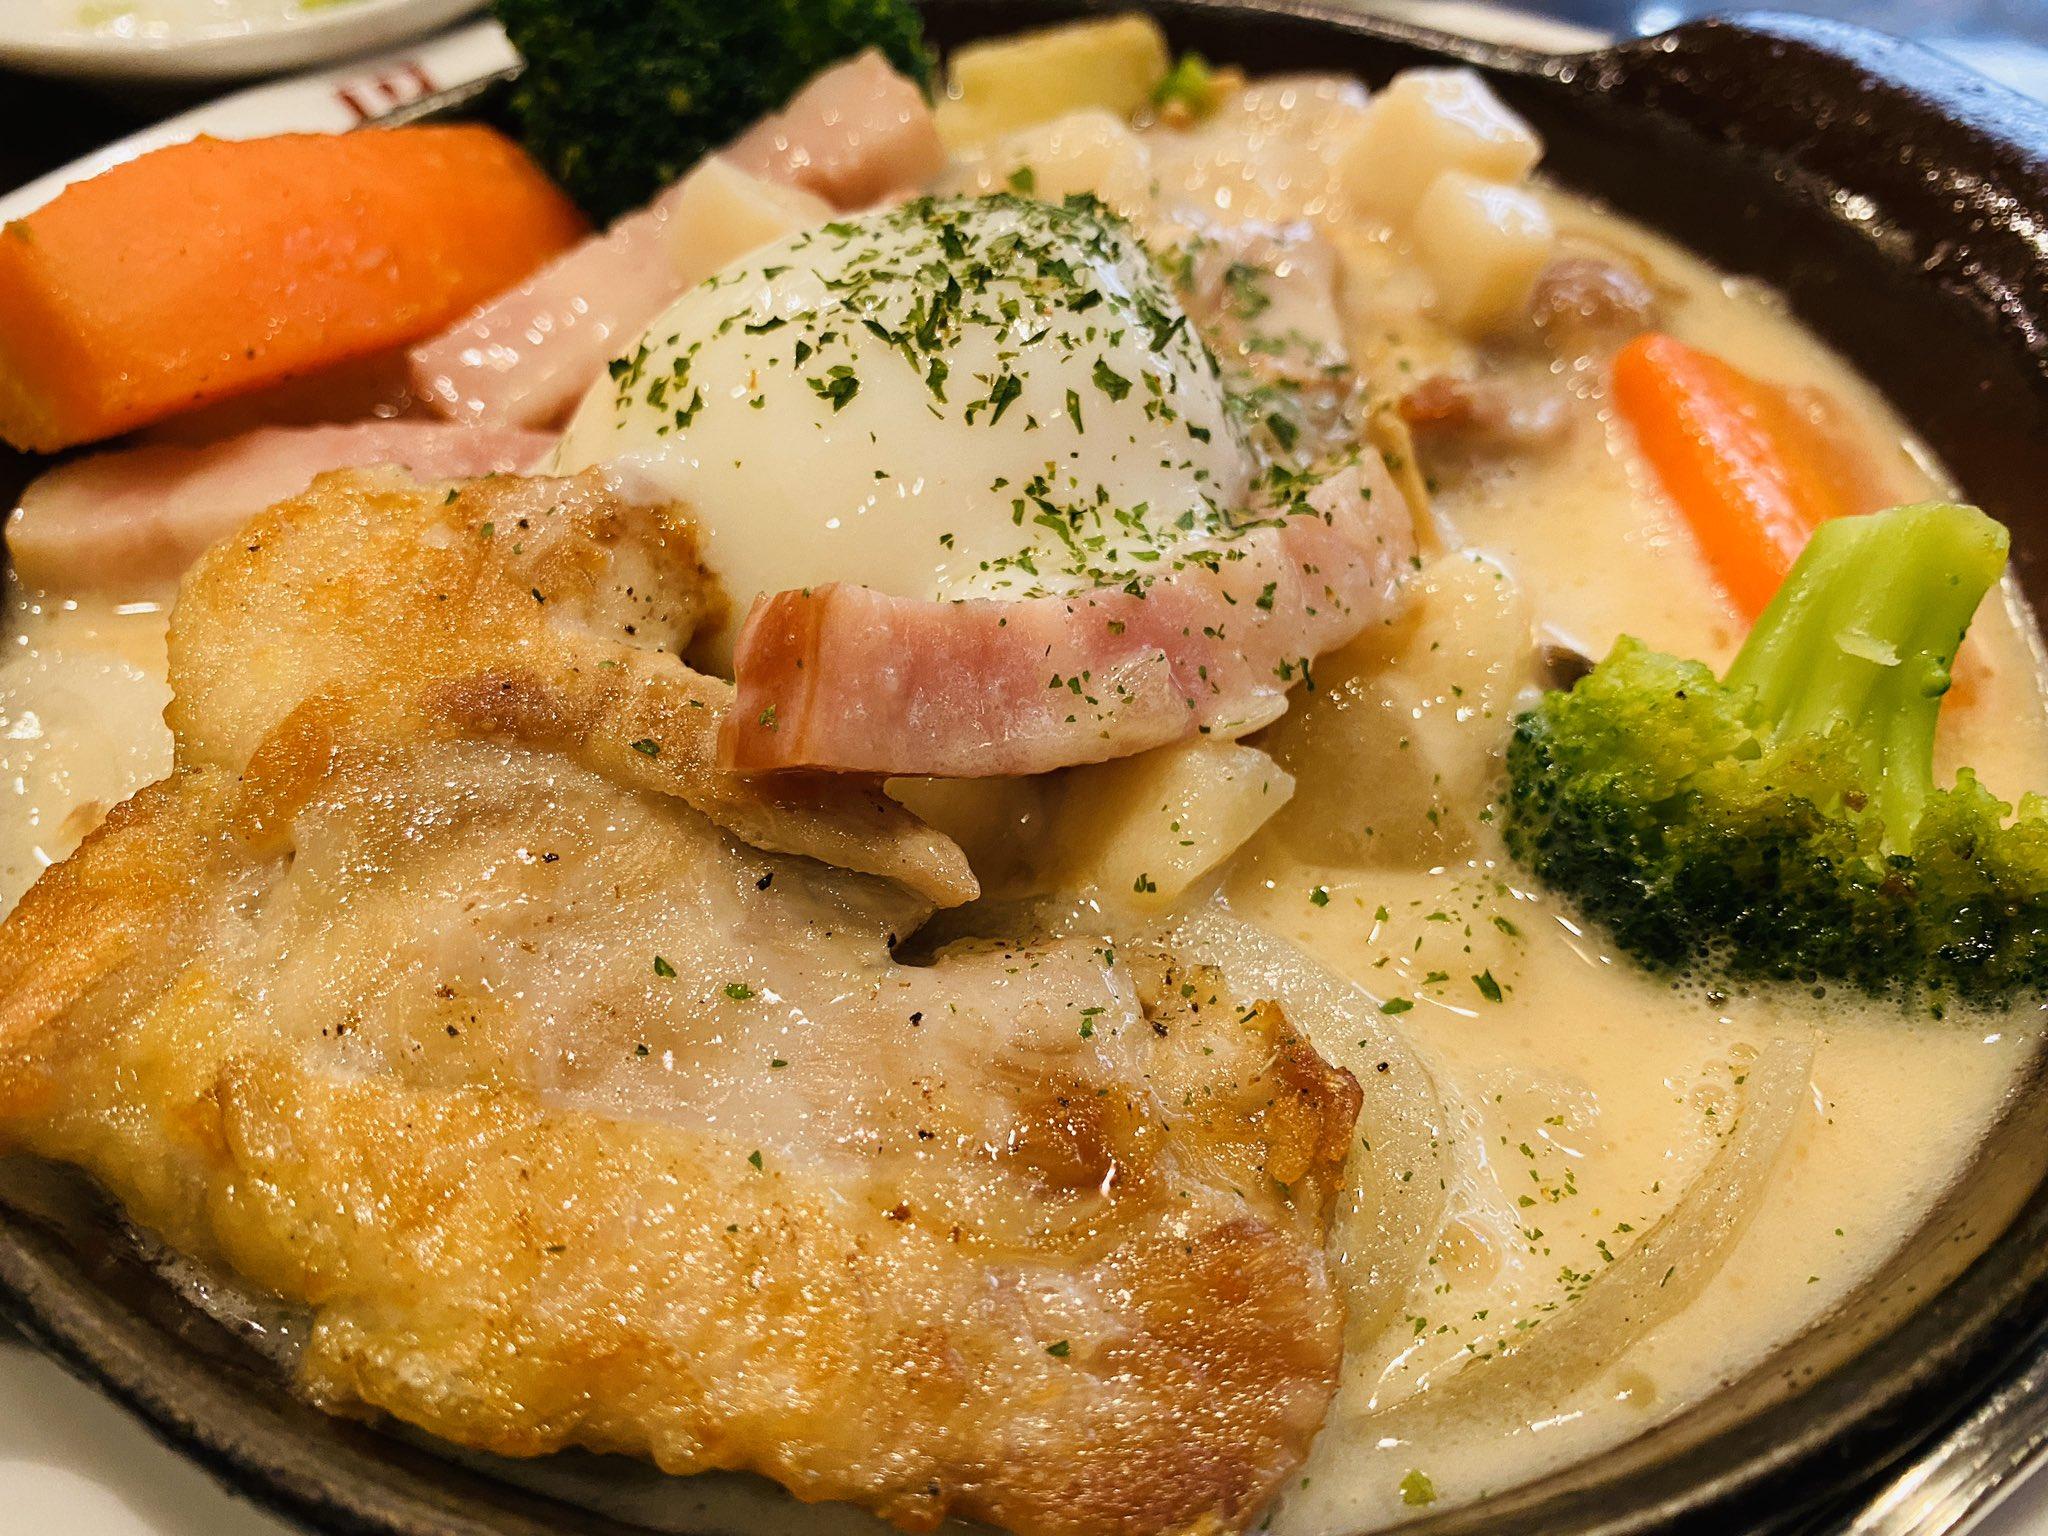 クラムチャウダースープにチキンと野菜。 https://t.co/sqfIjVfDFk